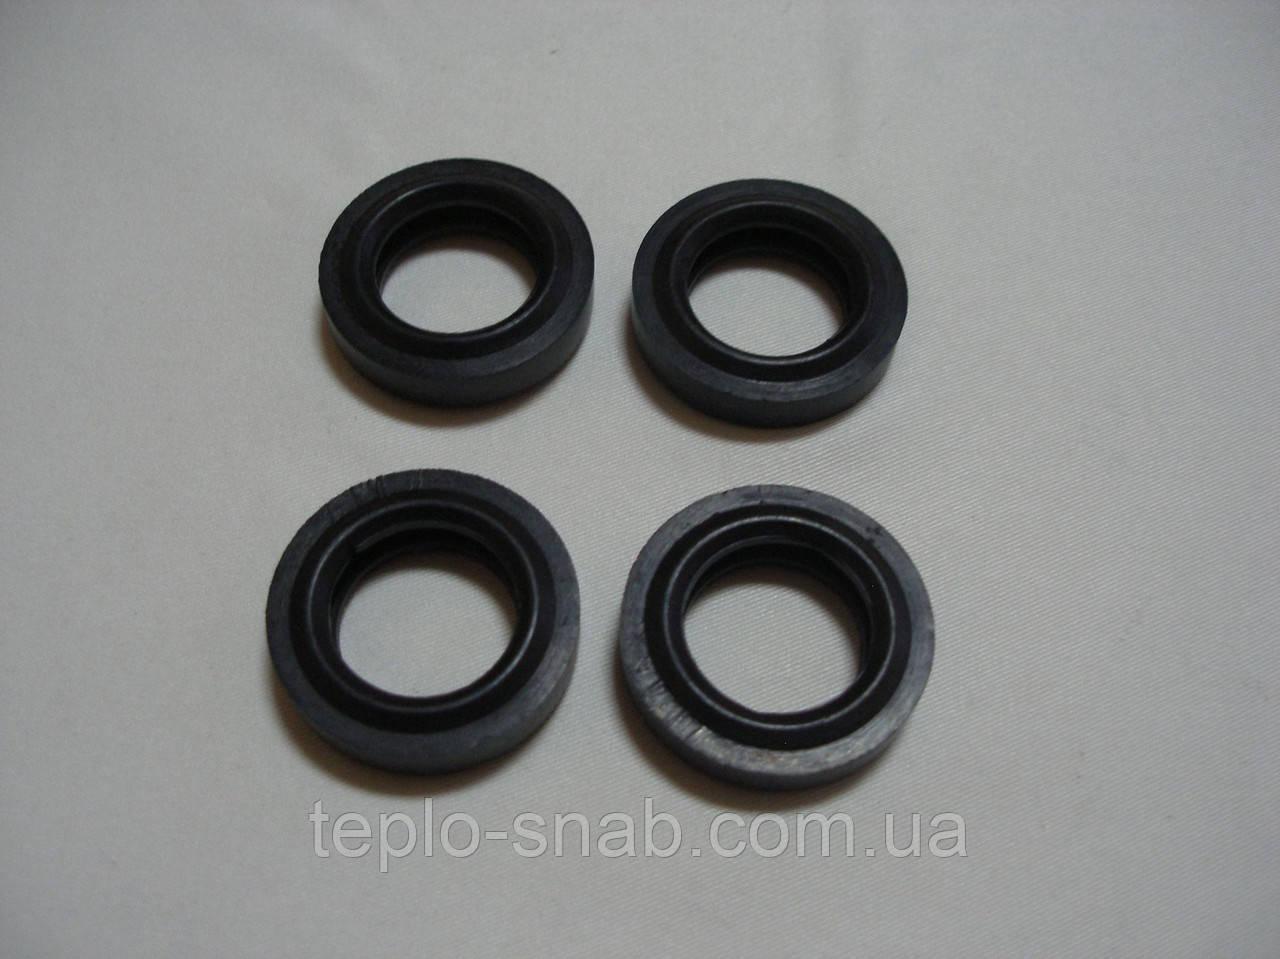 К-т прокладок (4 шт.) вторичного теплообменника ГВС Baxi / Westen, Immergas mini 24 3E, 28 3E. - 5404520